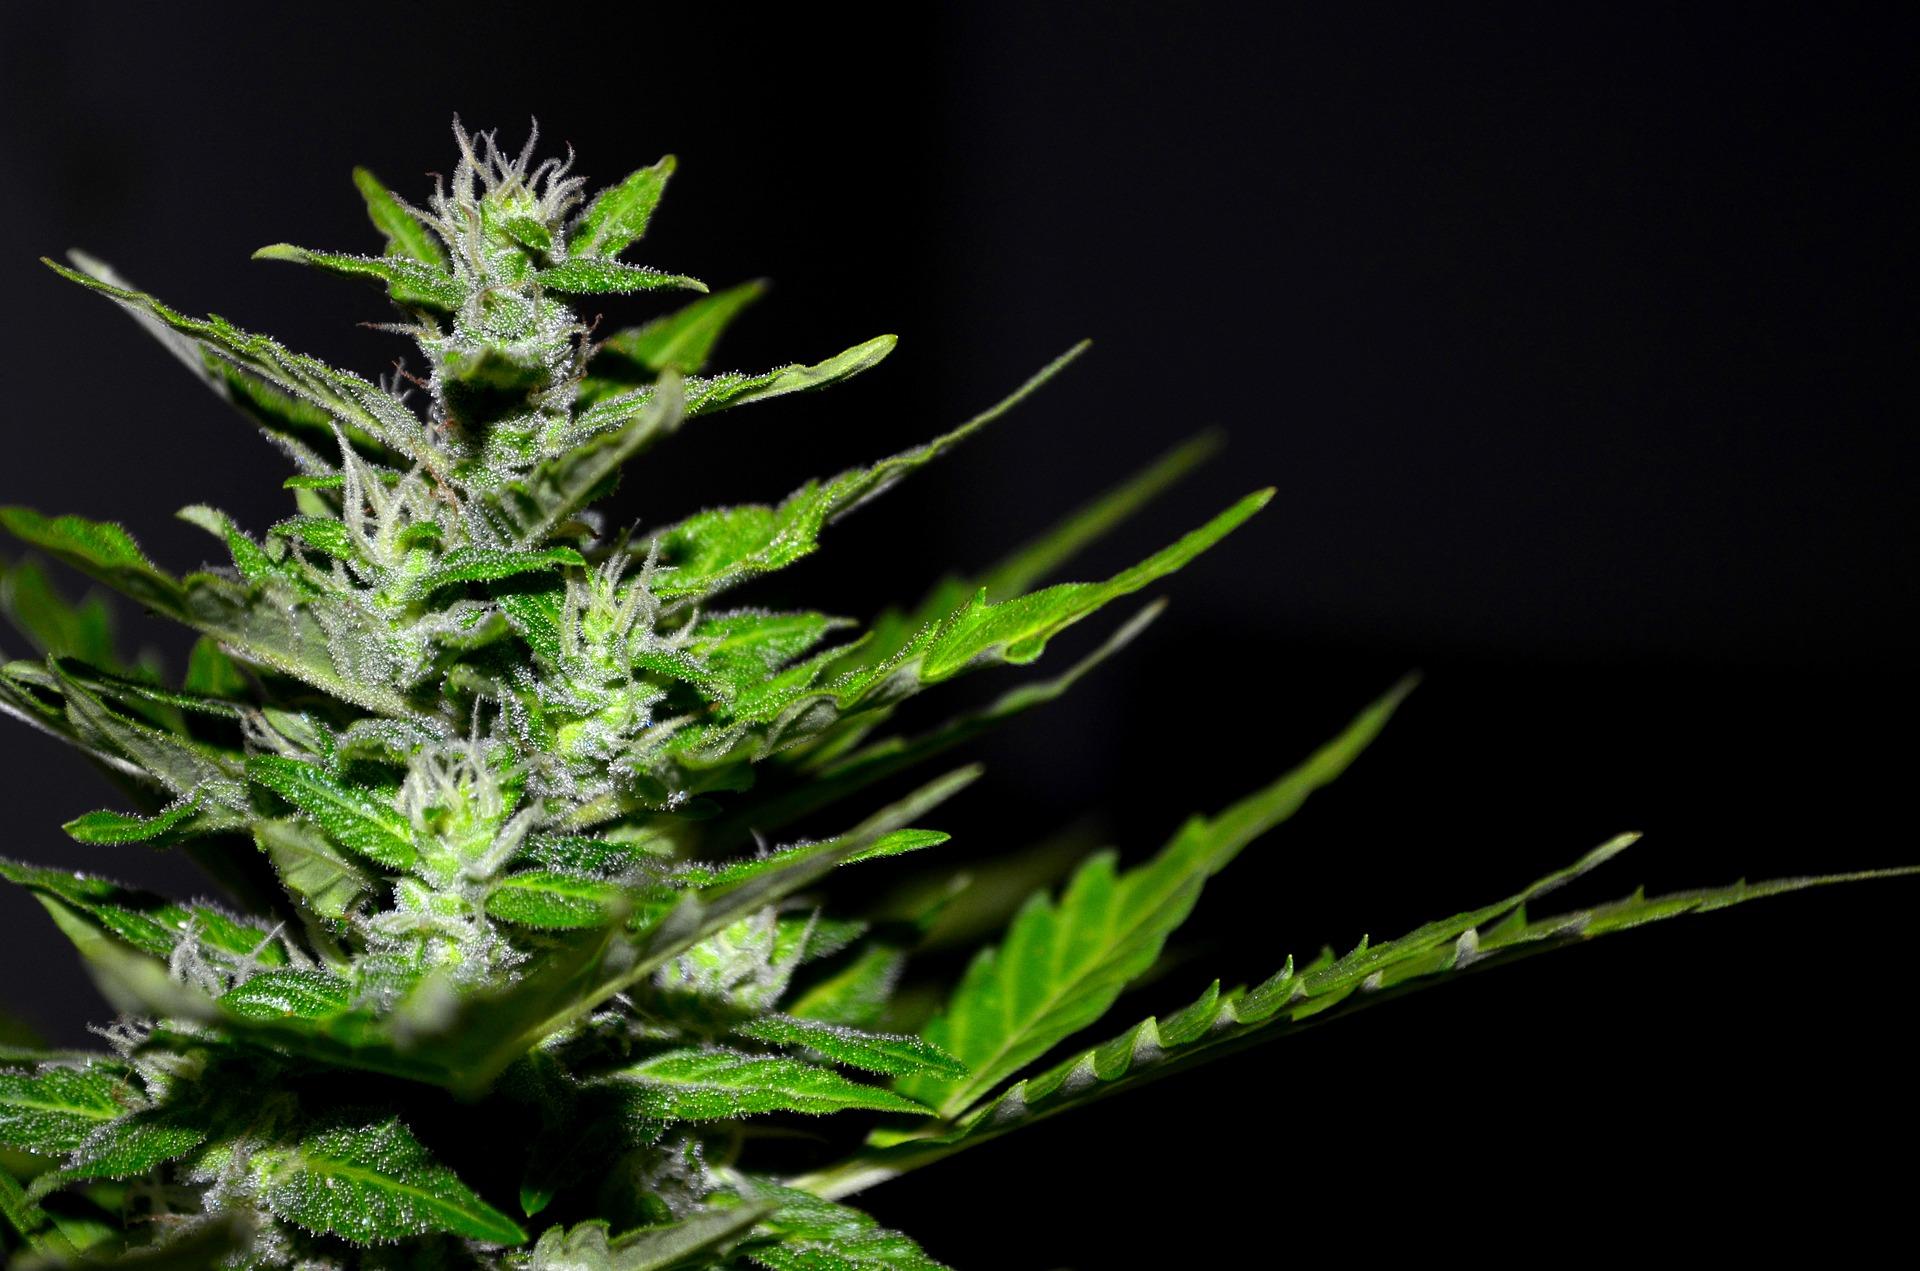 cannabis-2761102_1920.jpg